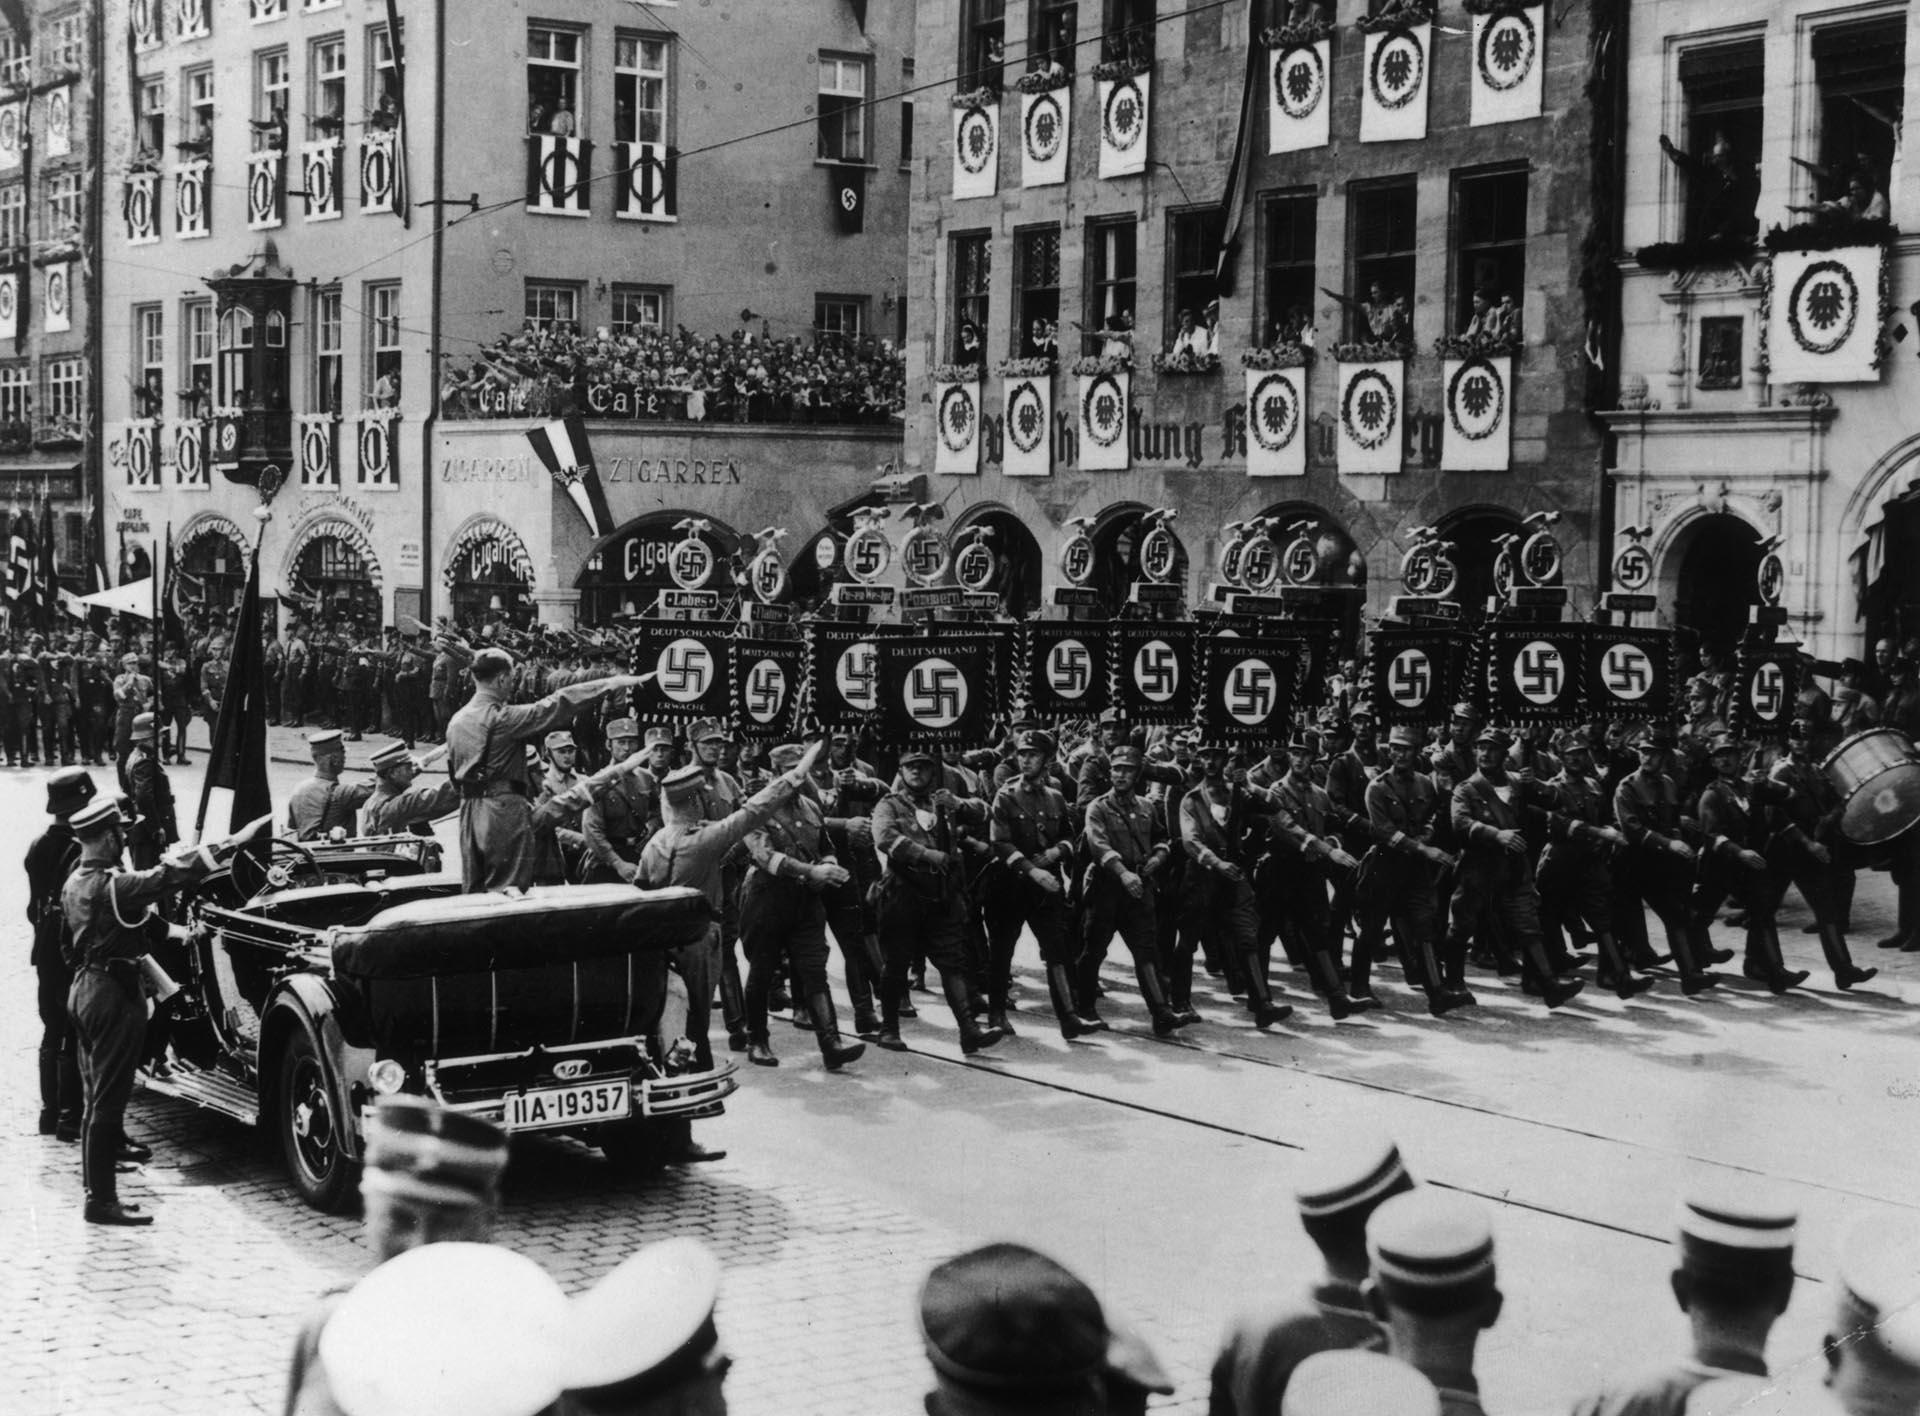 Adolf Hitler saludo durante una marcha de celebración nazi en Núremberg, en 1935 (Getty Images)